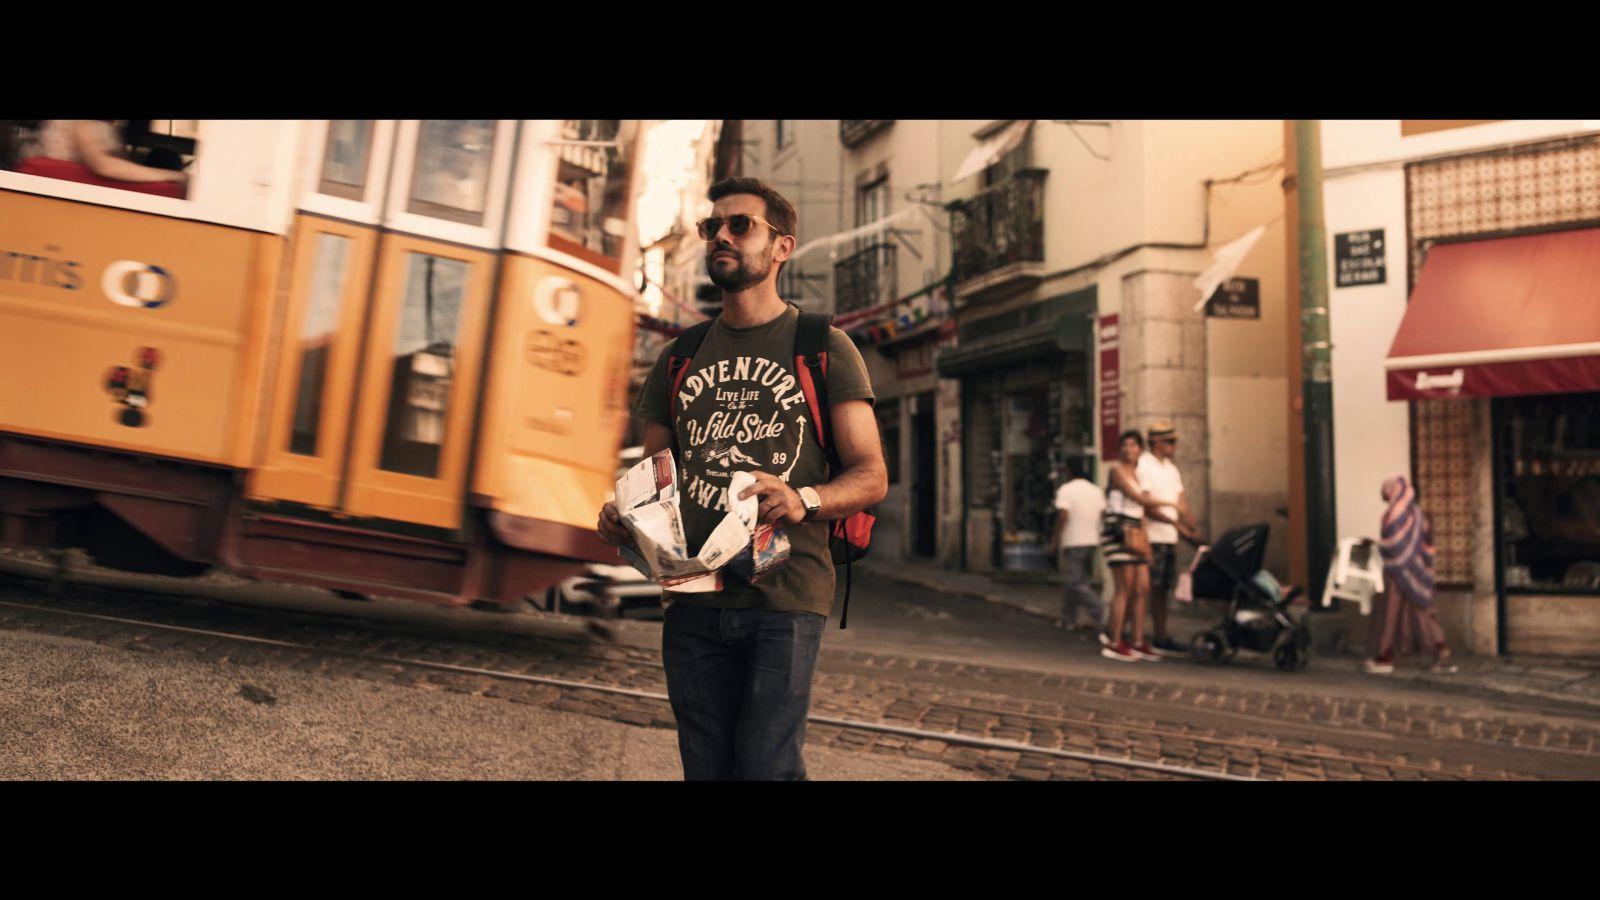 Rua da Lua-cornerstudio-Video-Clip-Music_4